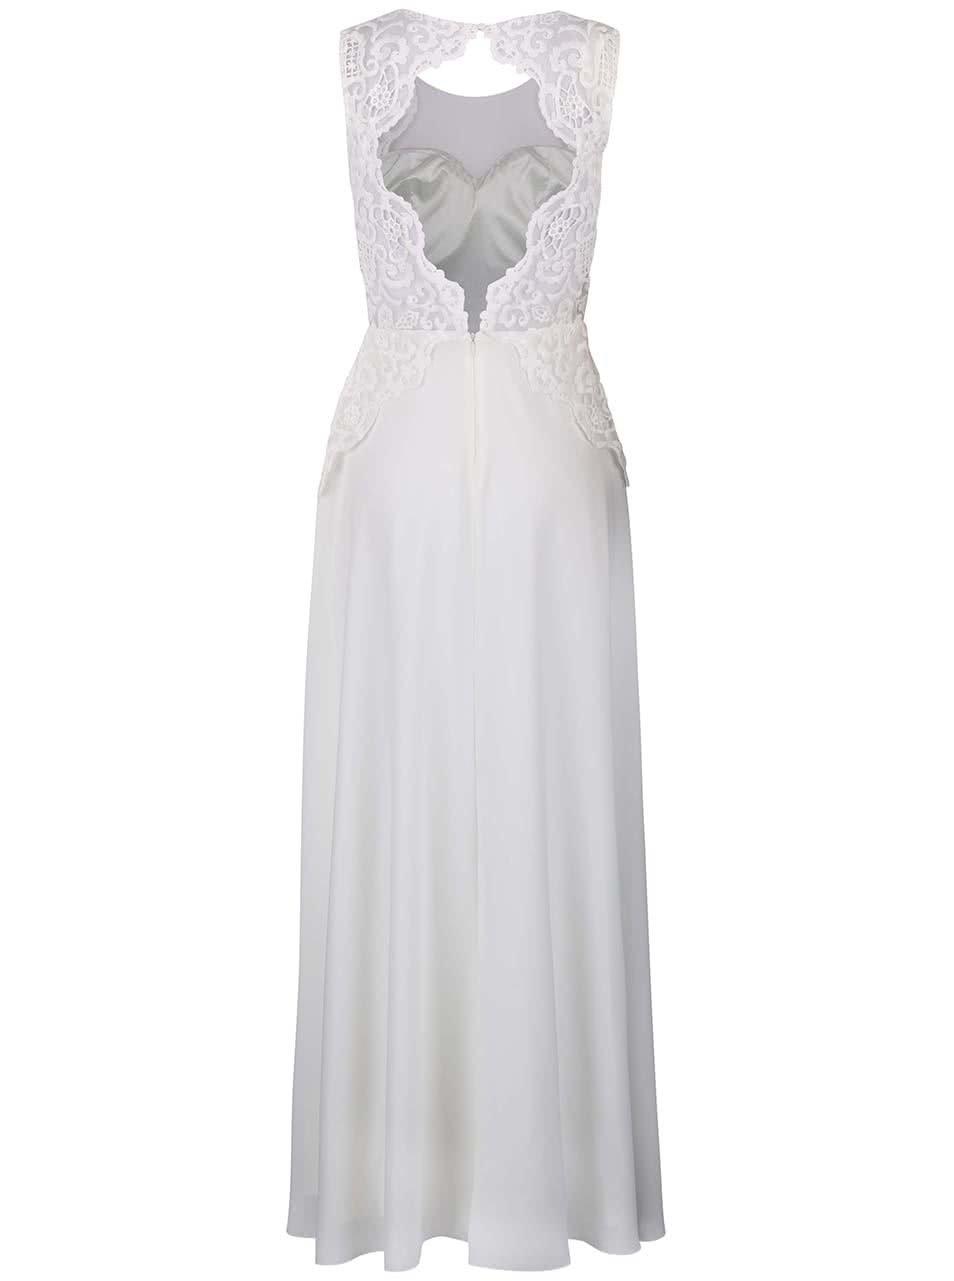 Bílé dlouhé šaty s krajkovým topem Chi Chi London Dee ... f30a2405c7